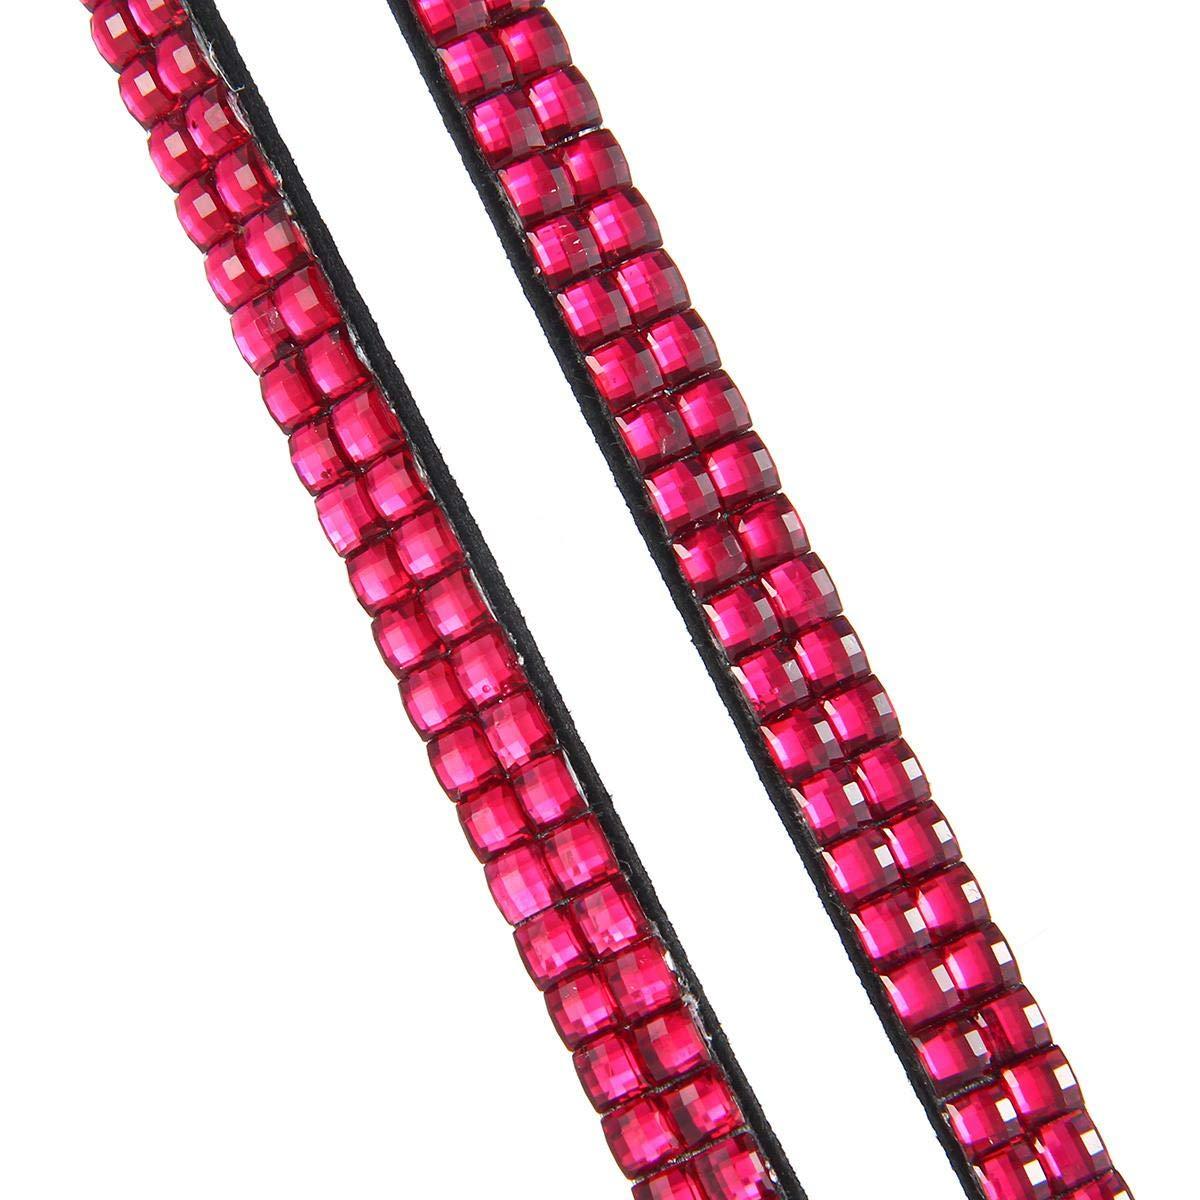 tornillo medidor de 25-50 mm Micrometro digital de SenderPick calibre digital